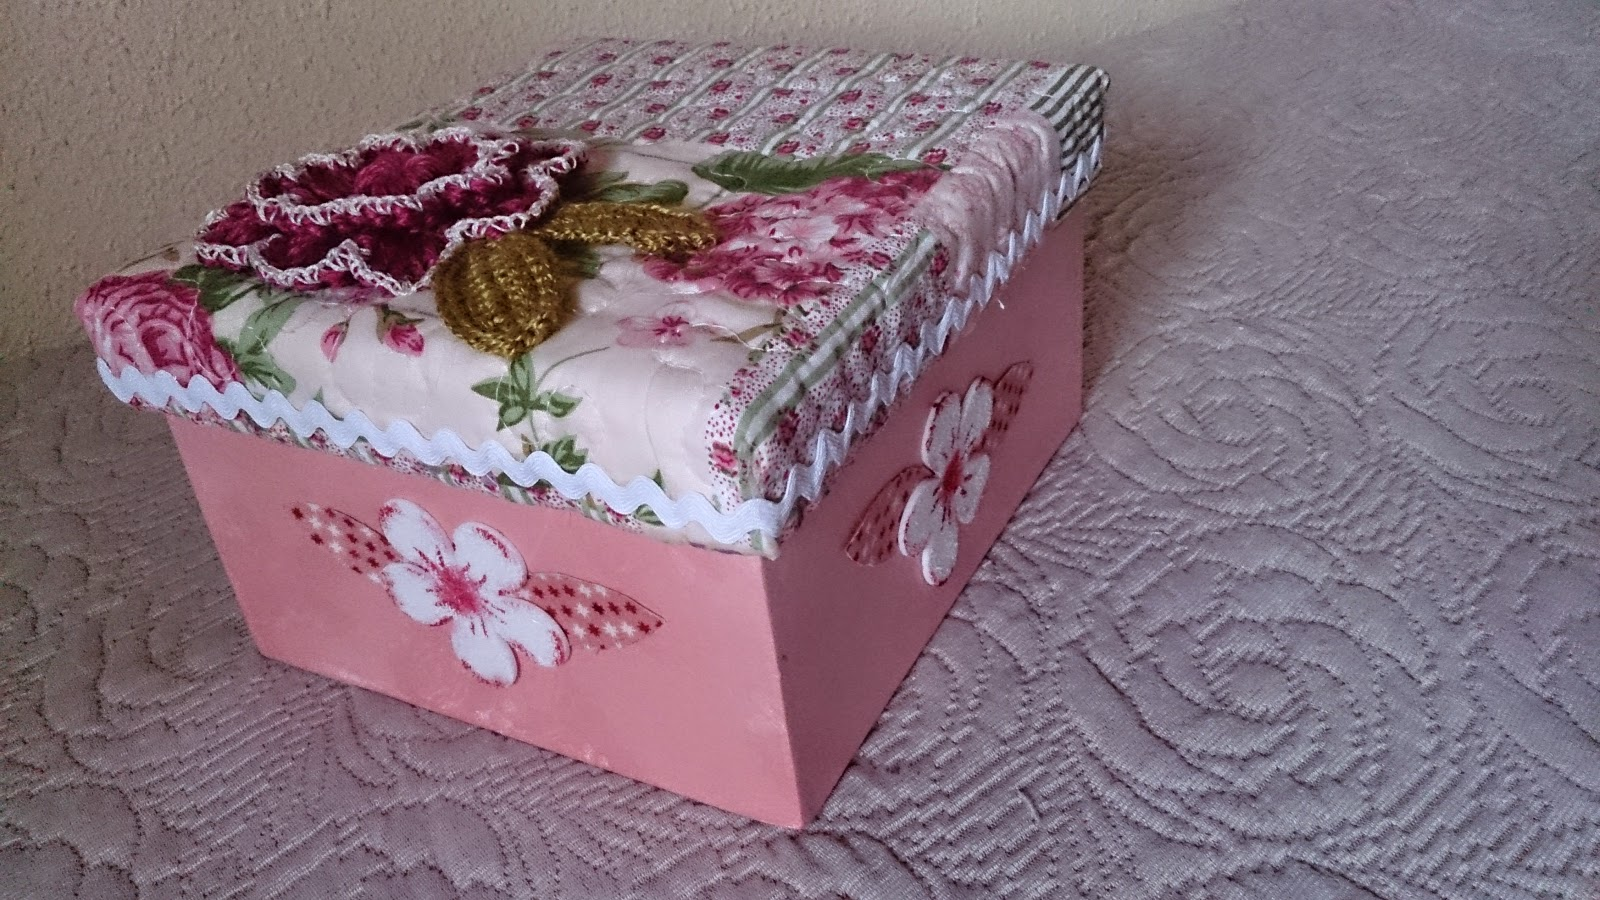 Caja de cart n decorada con tela goma eva y una flor a ganchillo el blog de margarita - Cajas de carton decoradas baratas ...